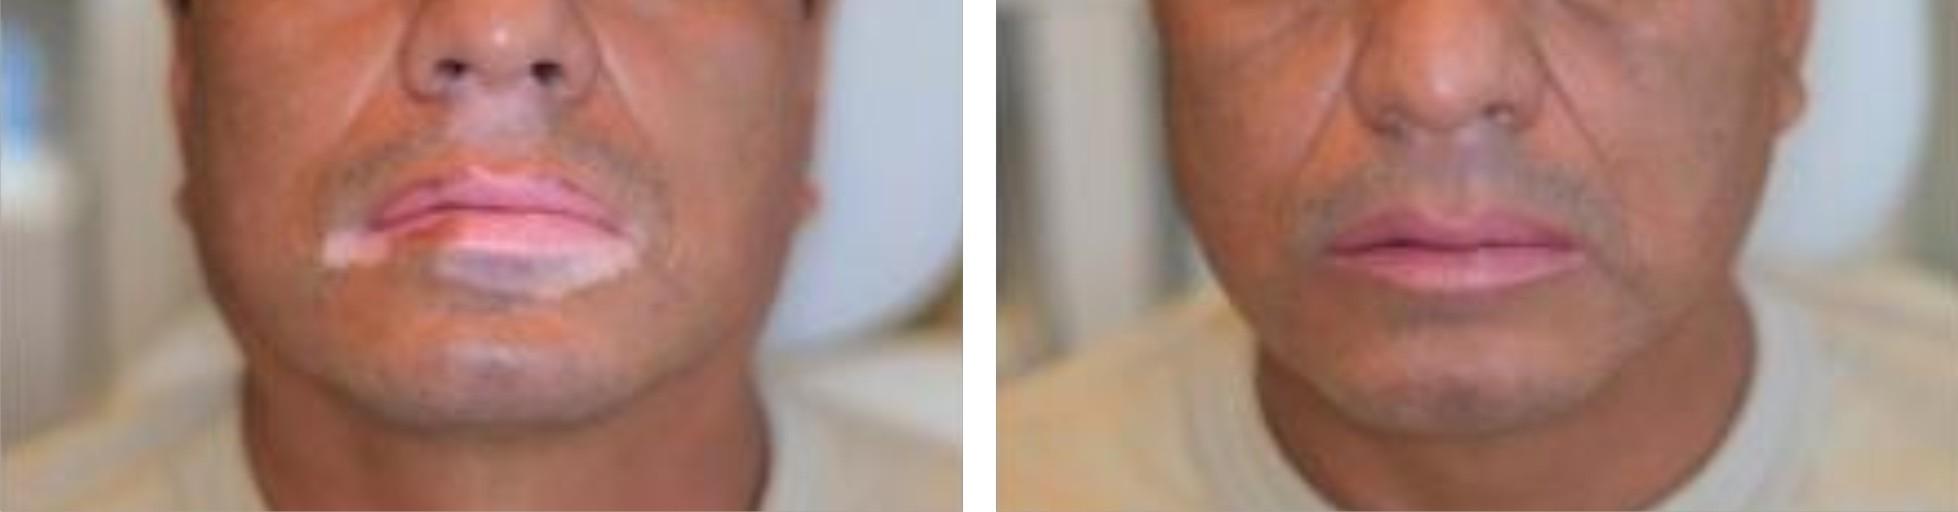 Vitiligo Image One